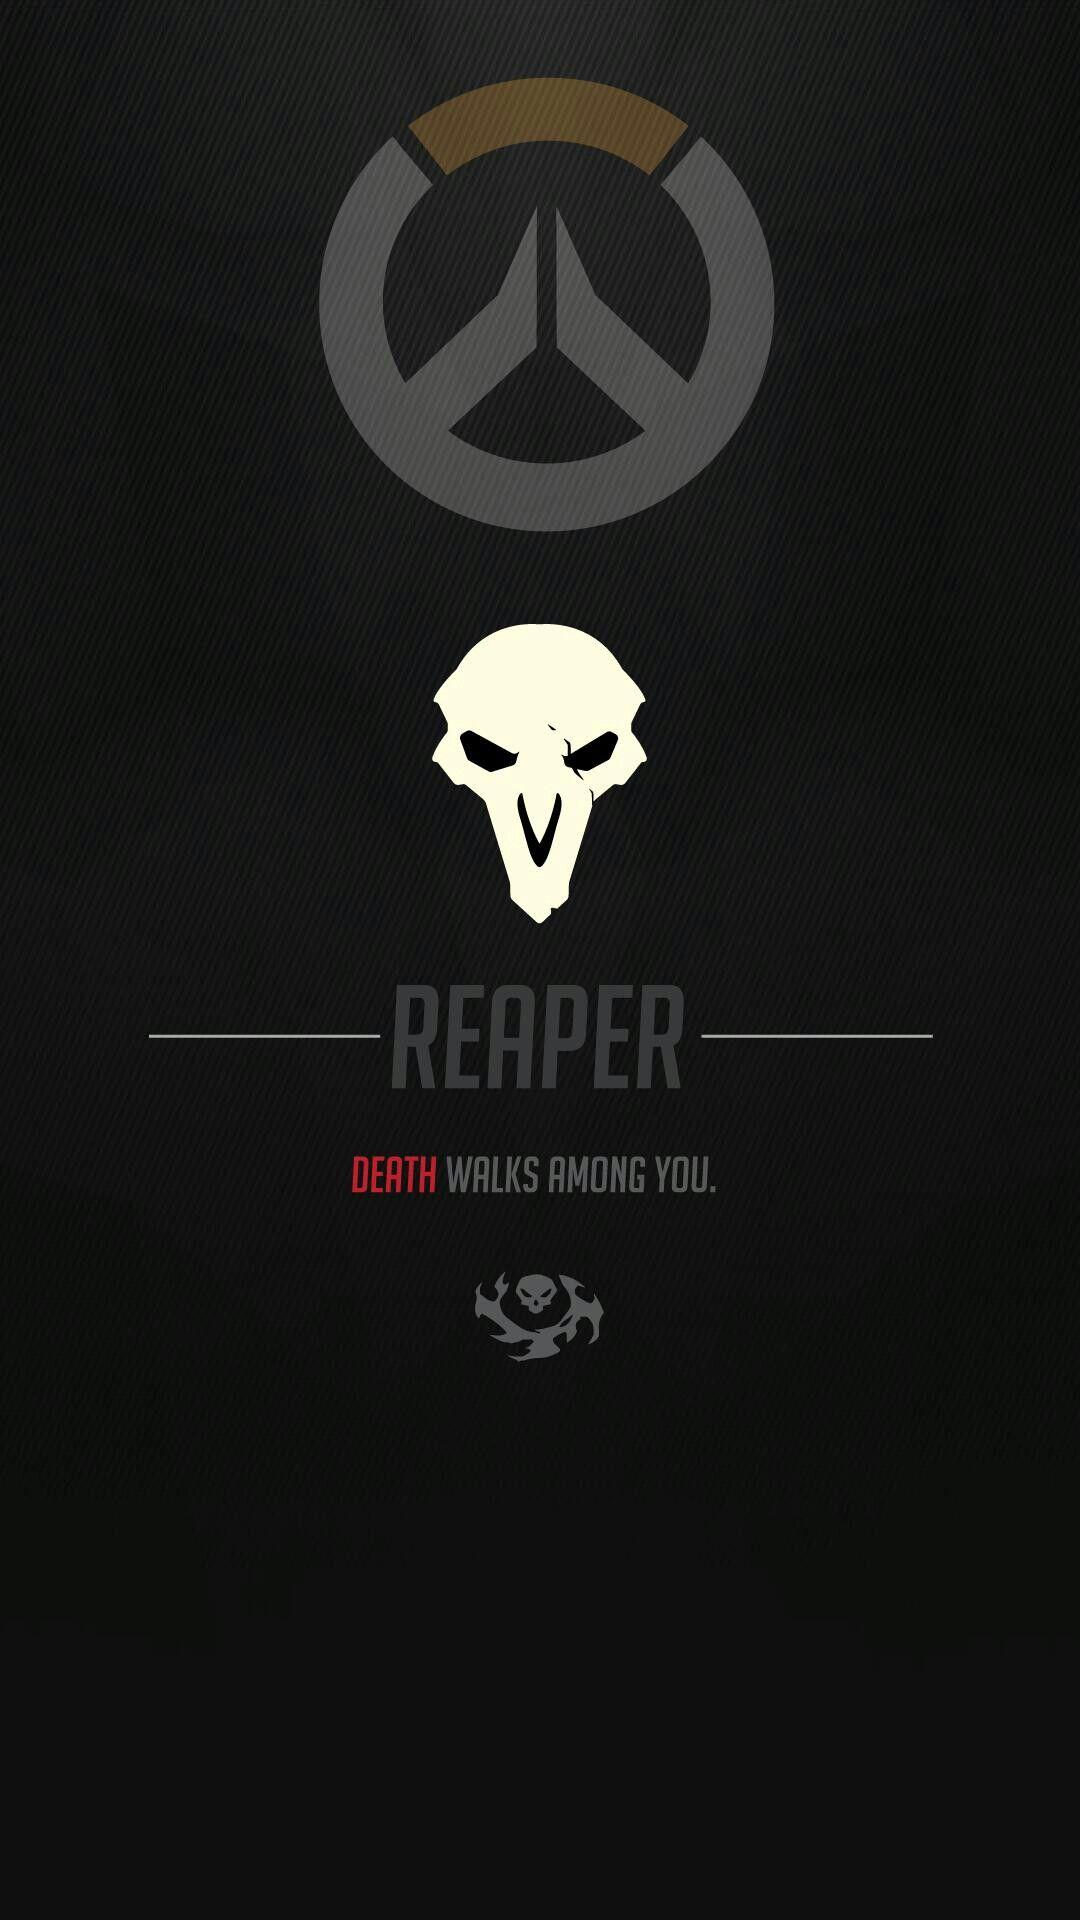 Reaper Fundos, Jogos e Tela de bloqueio